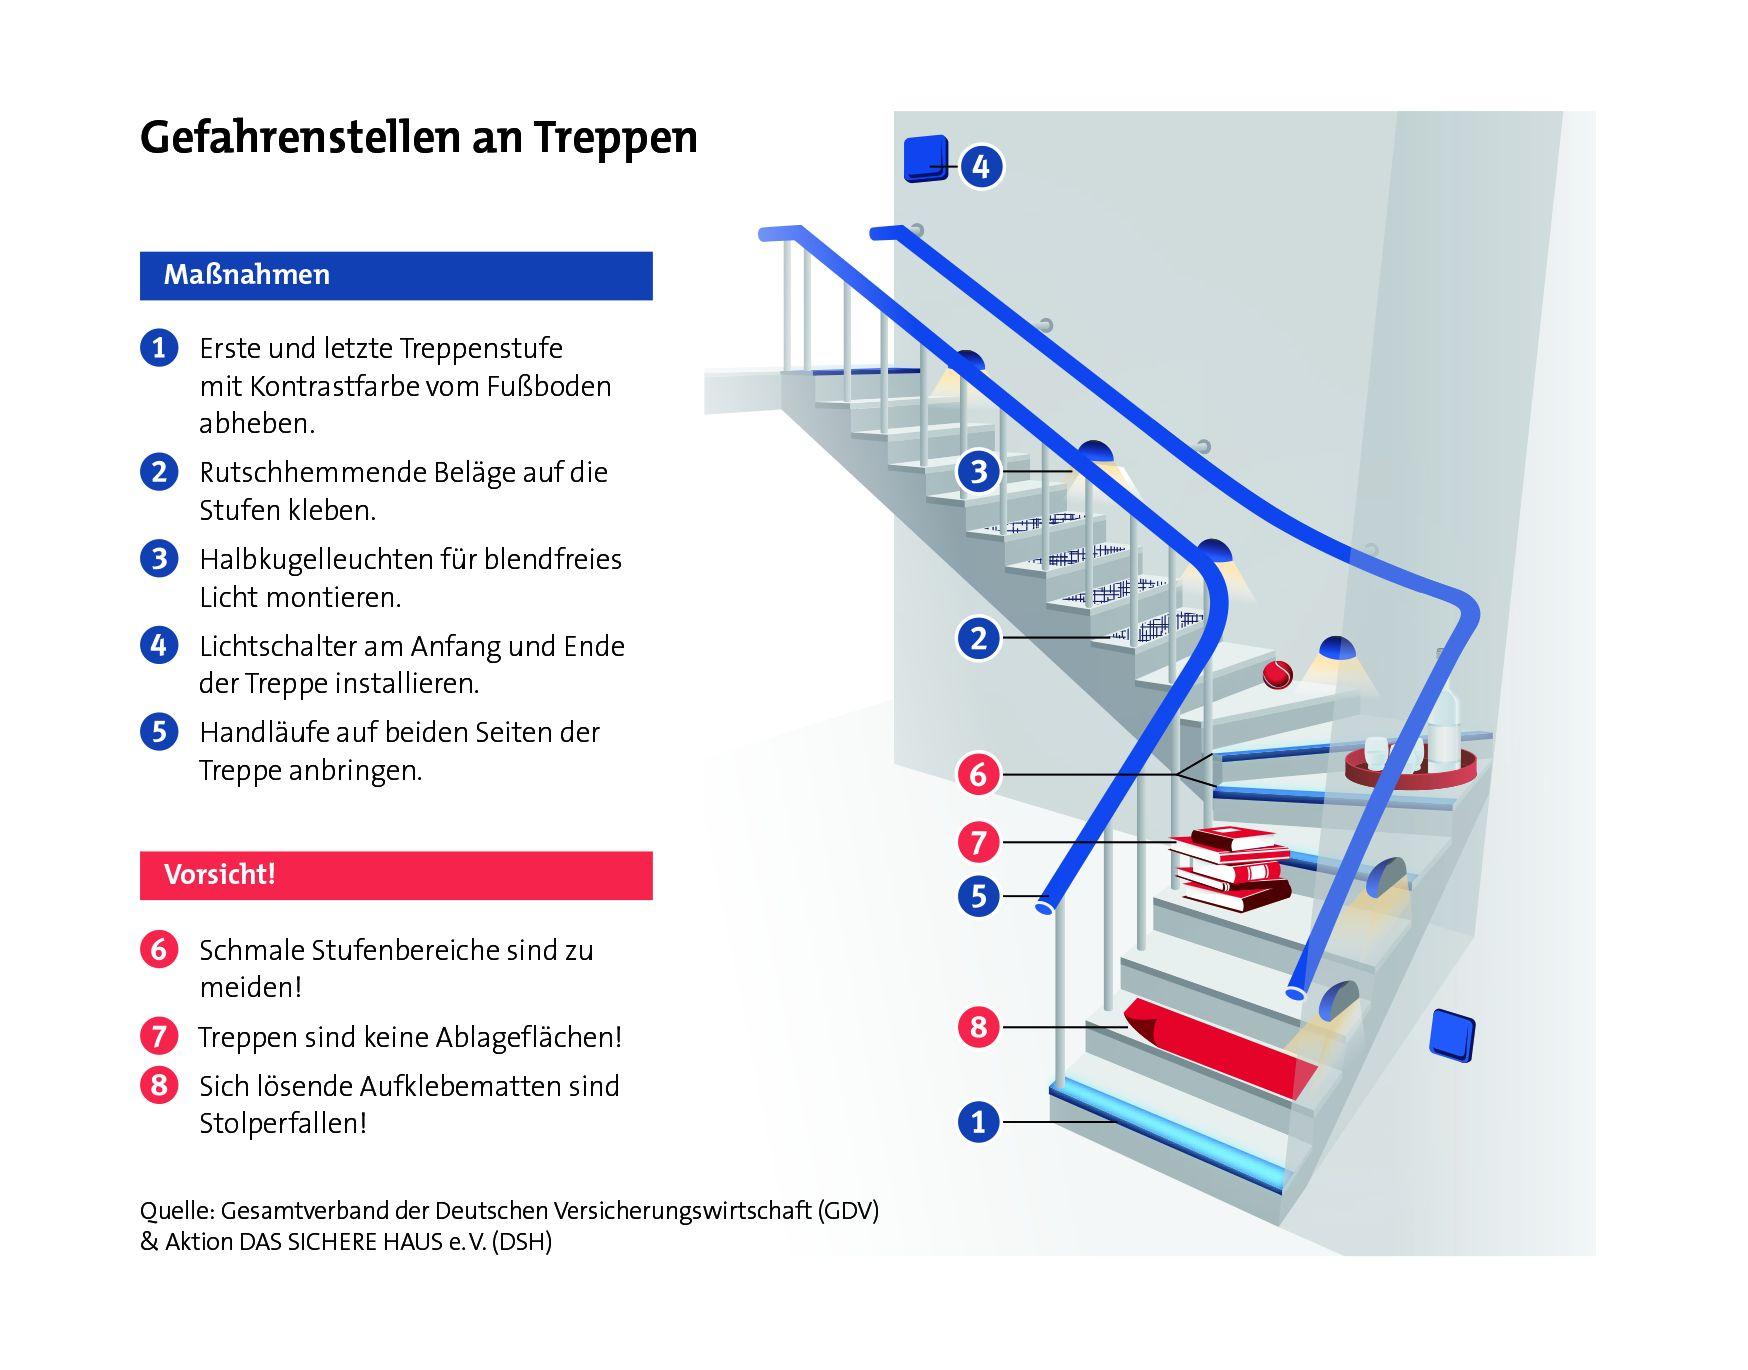 Großartig Doppelpol Lichtschalter Diagramm Galerie - Der Schaltplan ...